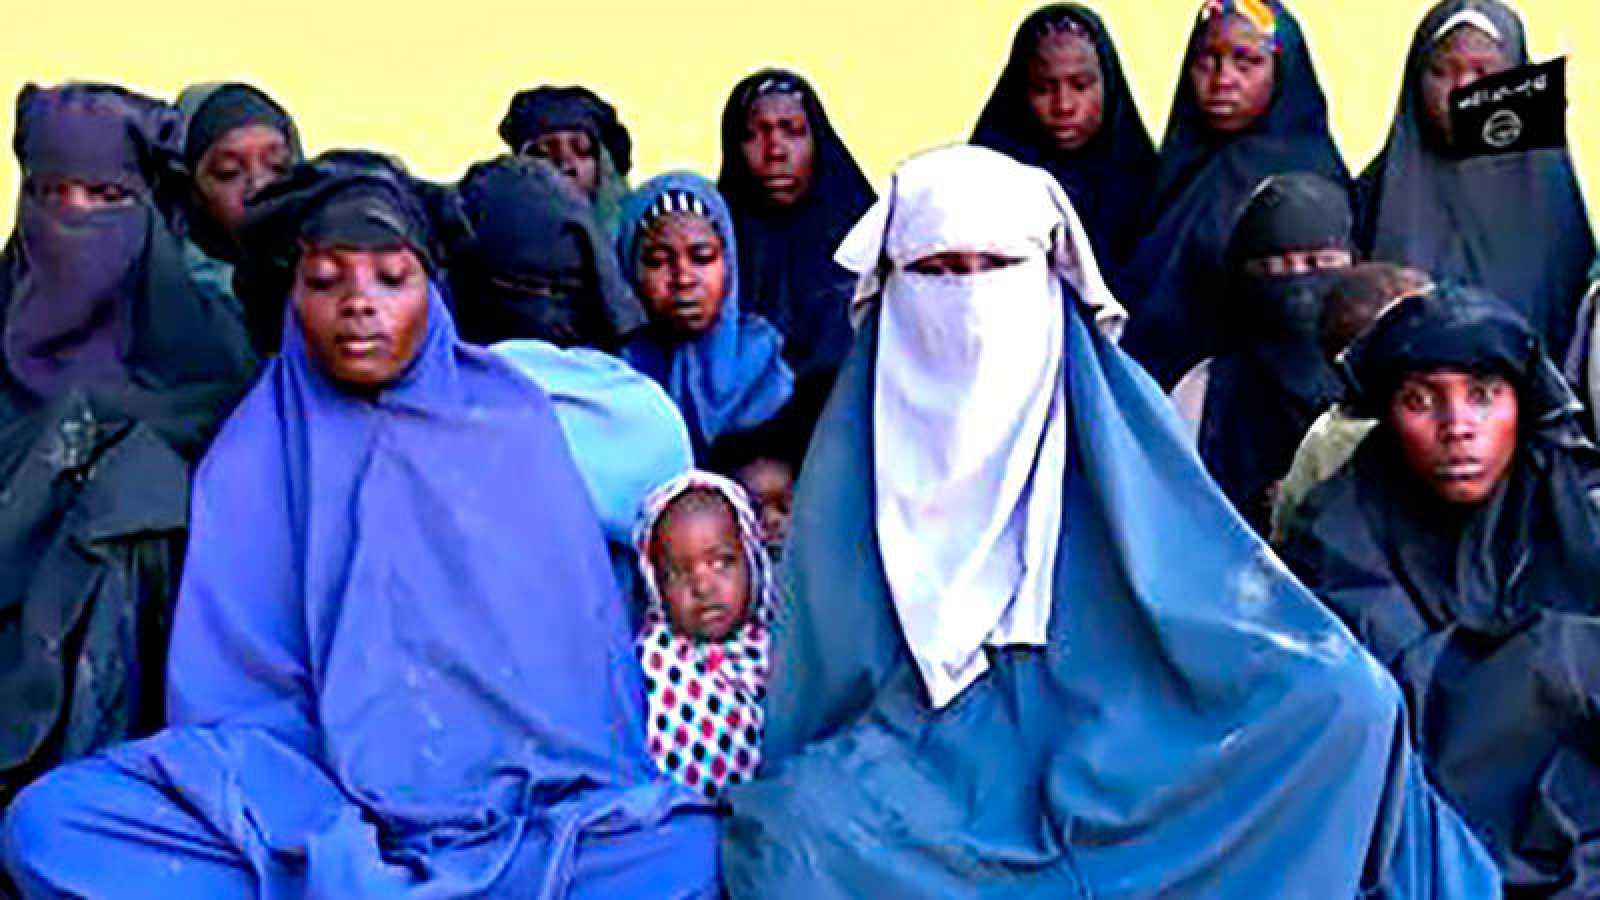 Imagen de varias de las niñas de Chibok, secuestradas en 2014, enviada por Boko Haram en enero de 2018